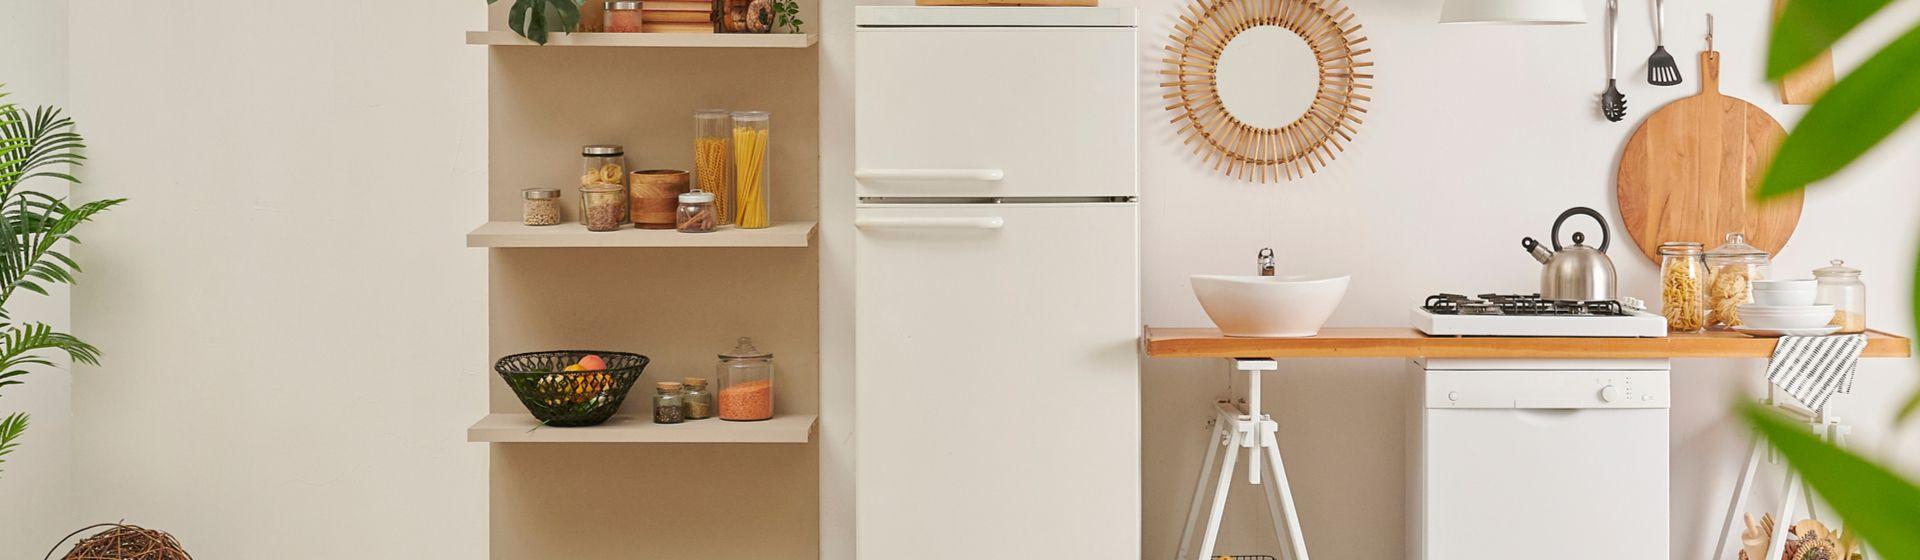 Melhor geladeira branca 2021: confira a lista